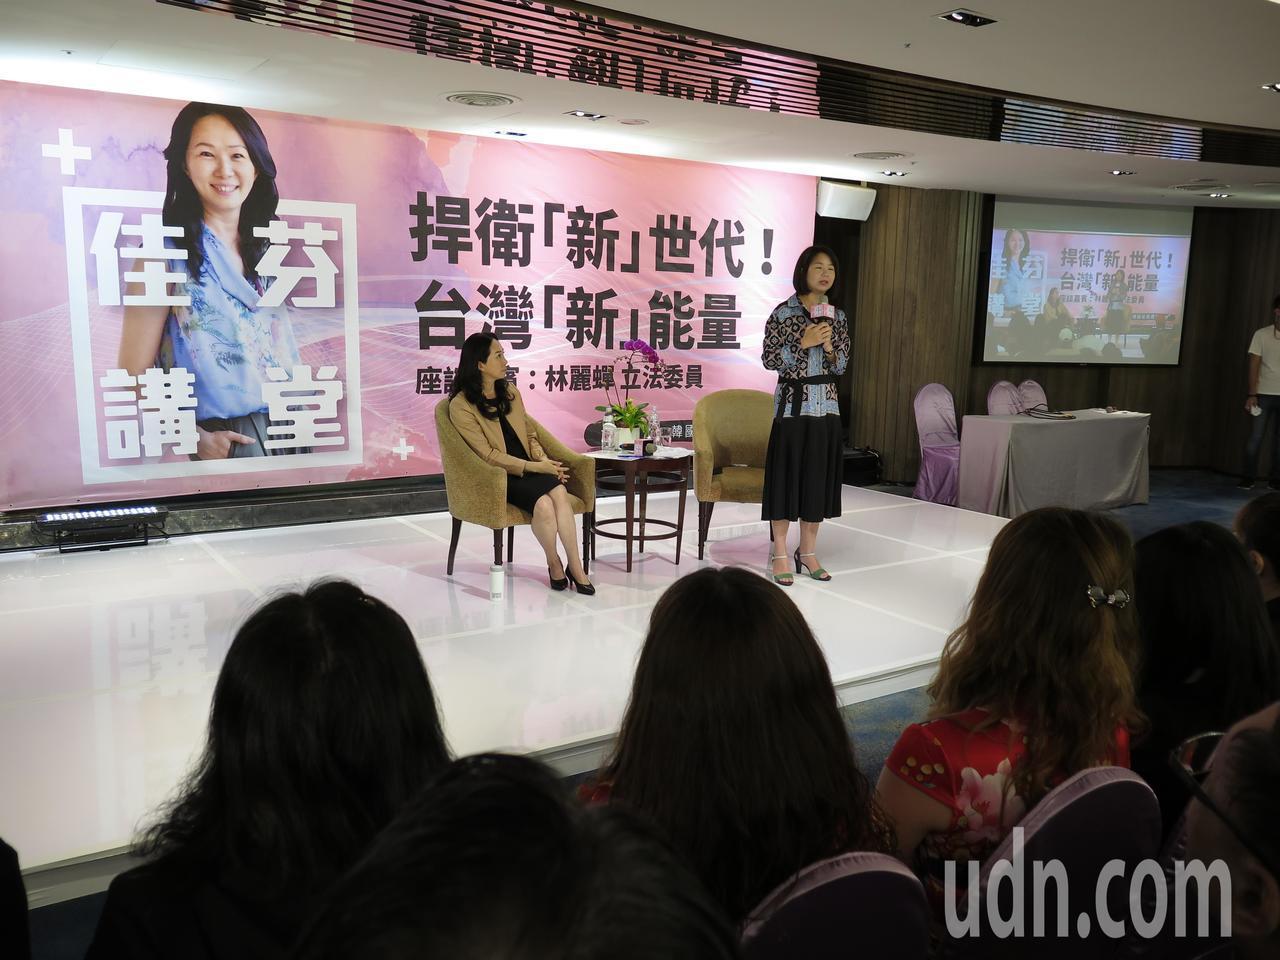 國民黨總統參選人韓國瑜妻子李佳芬第2場「佳芬講堂」在桃園舉行,與立委林麗蟬與談。...